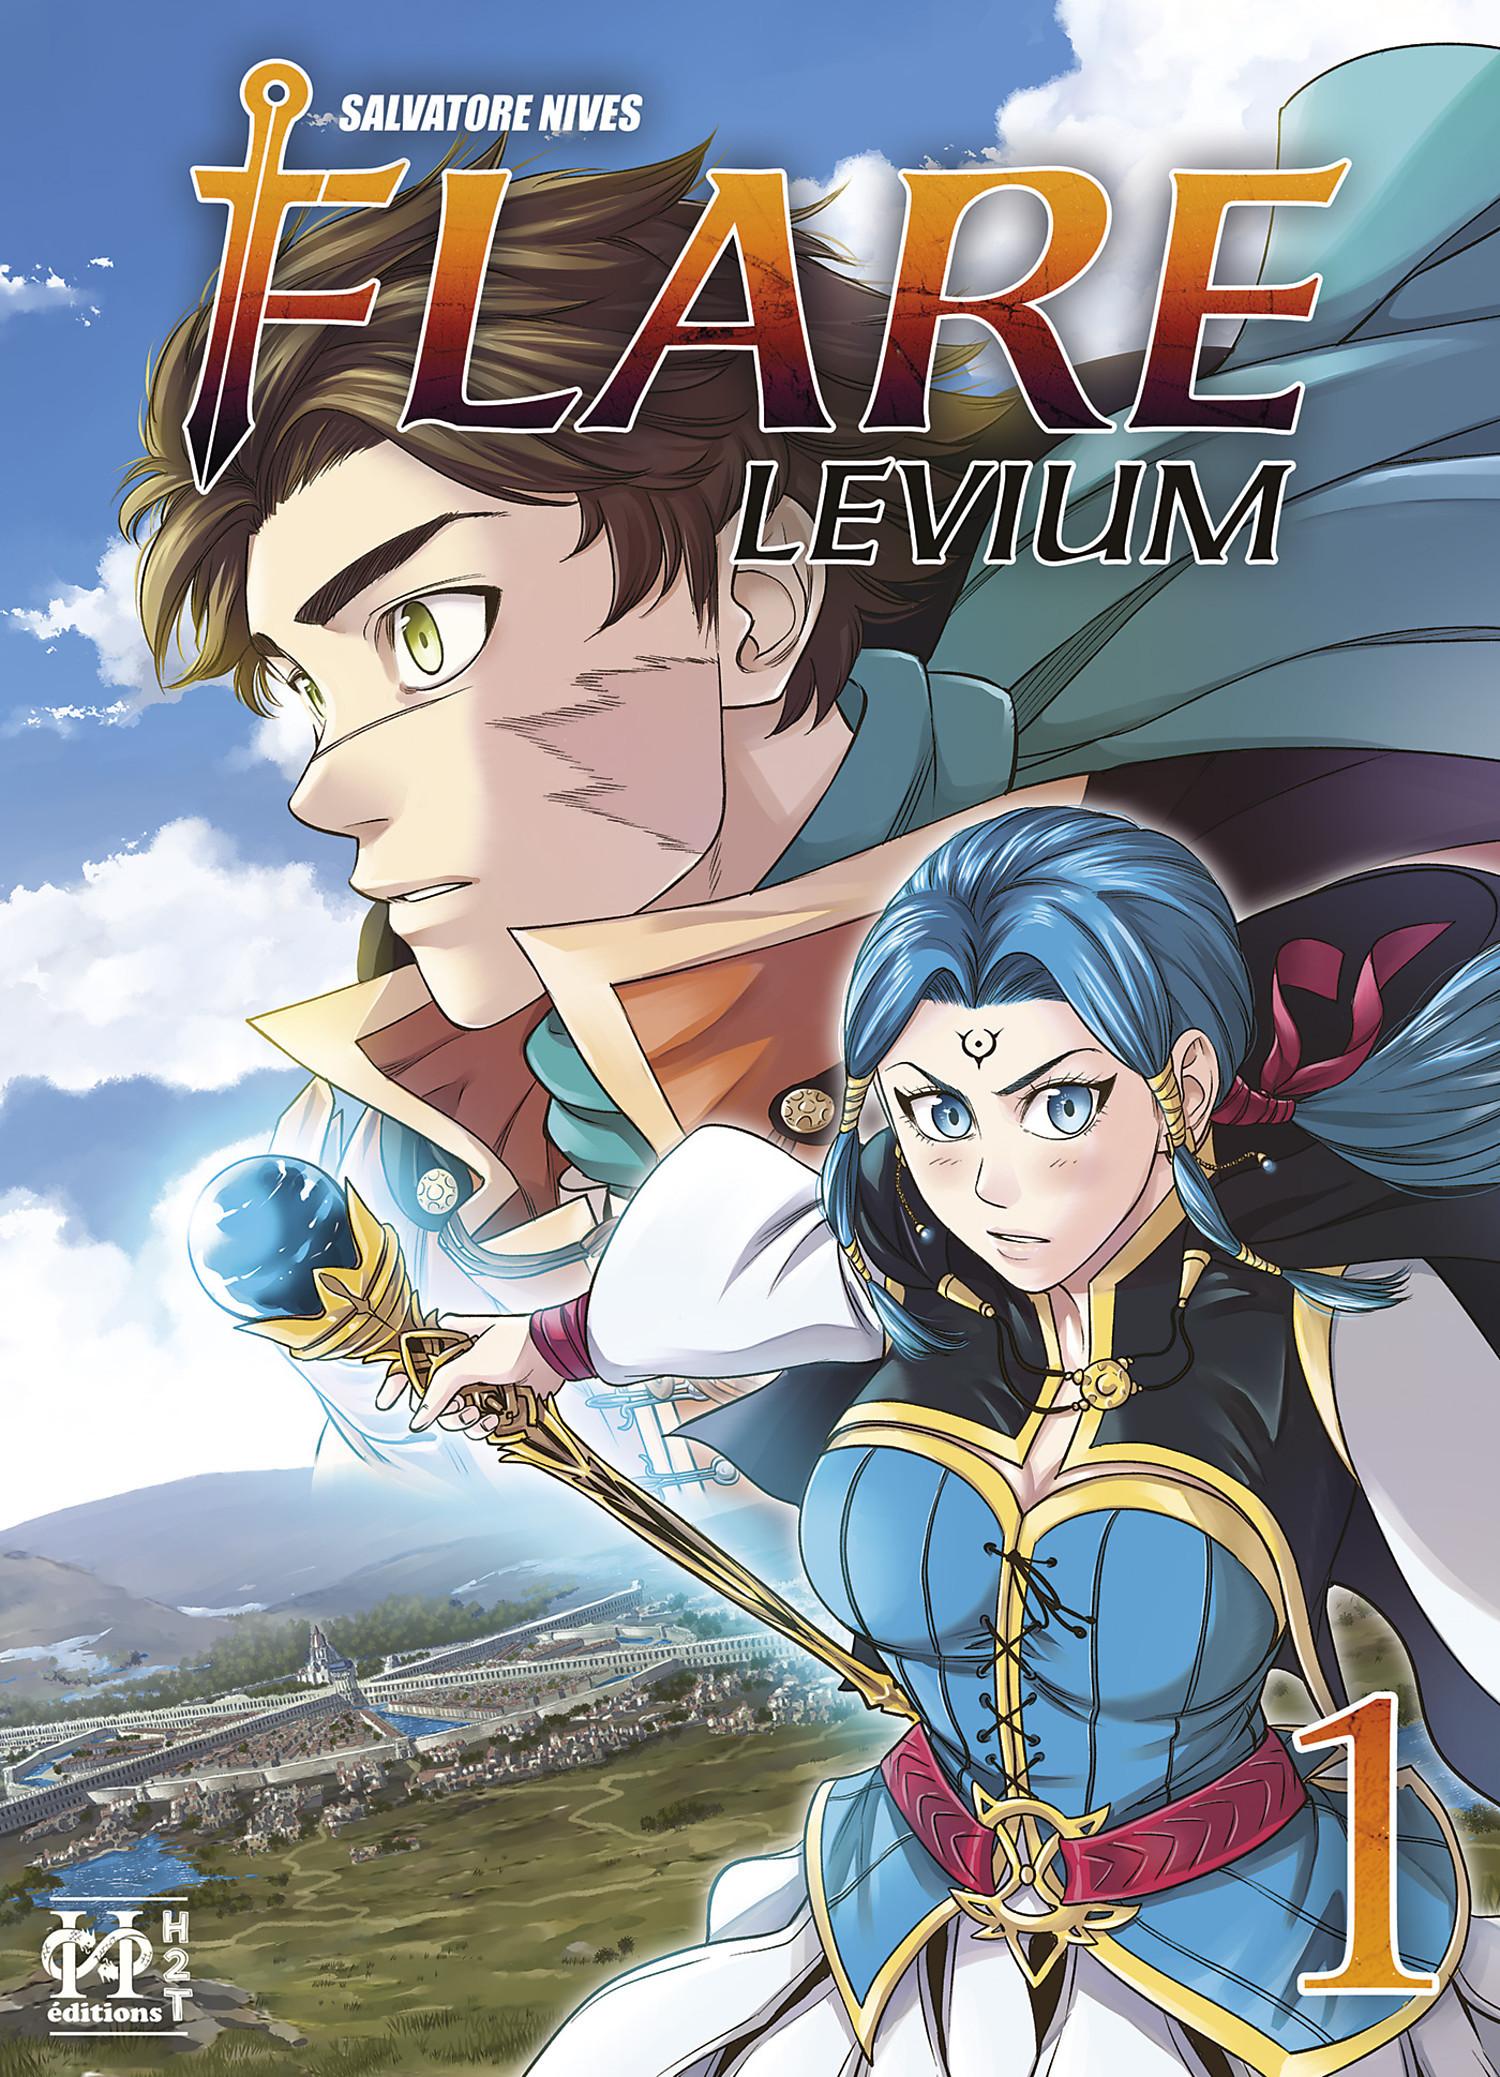 Flare Levium 1